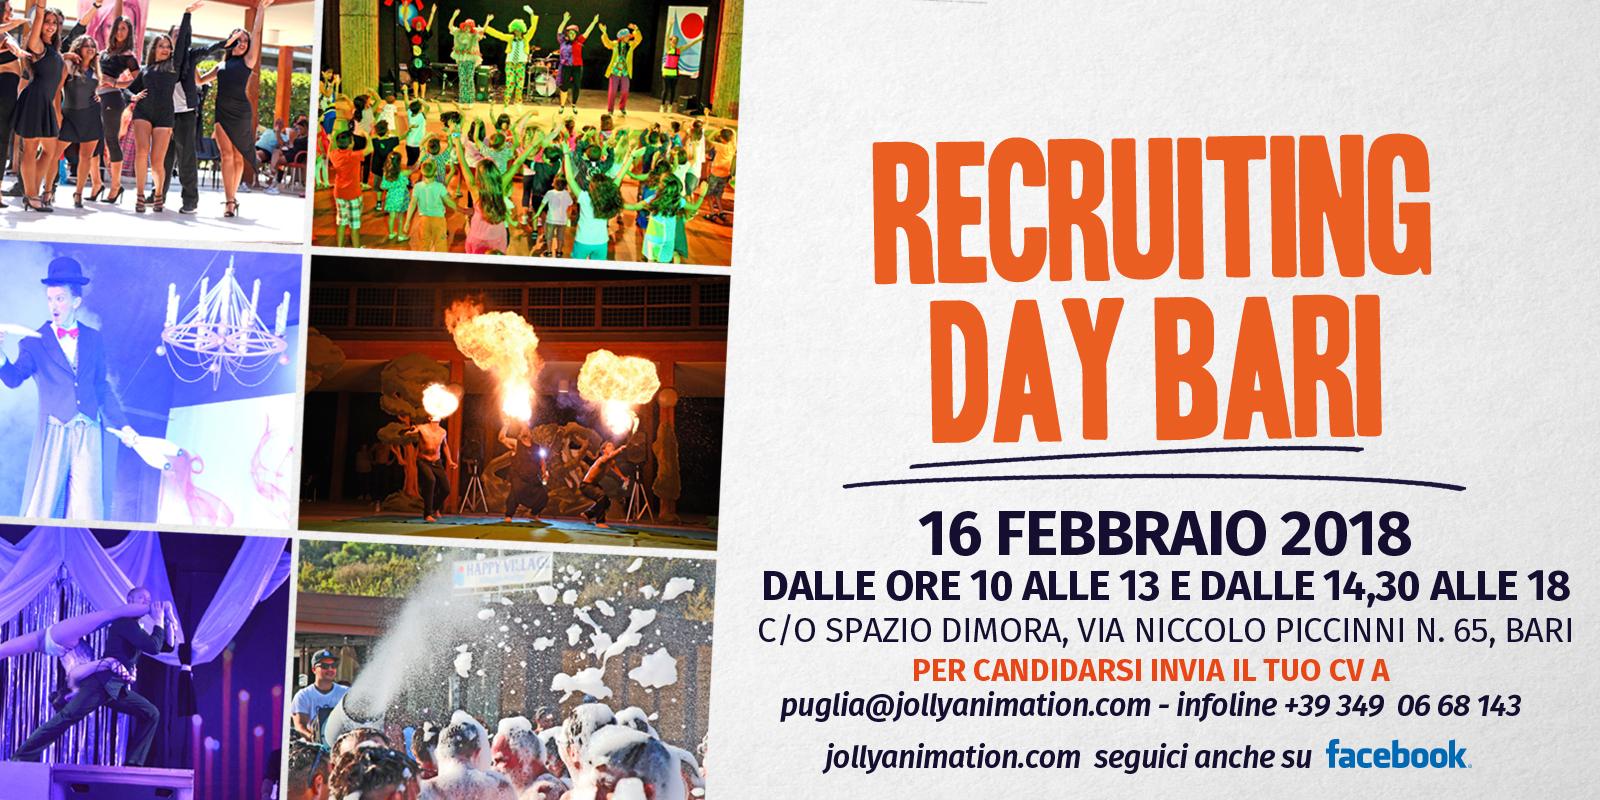 Il 16 febbraio Recruiting Day a Bari